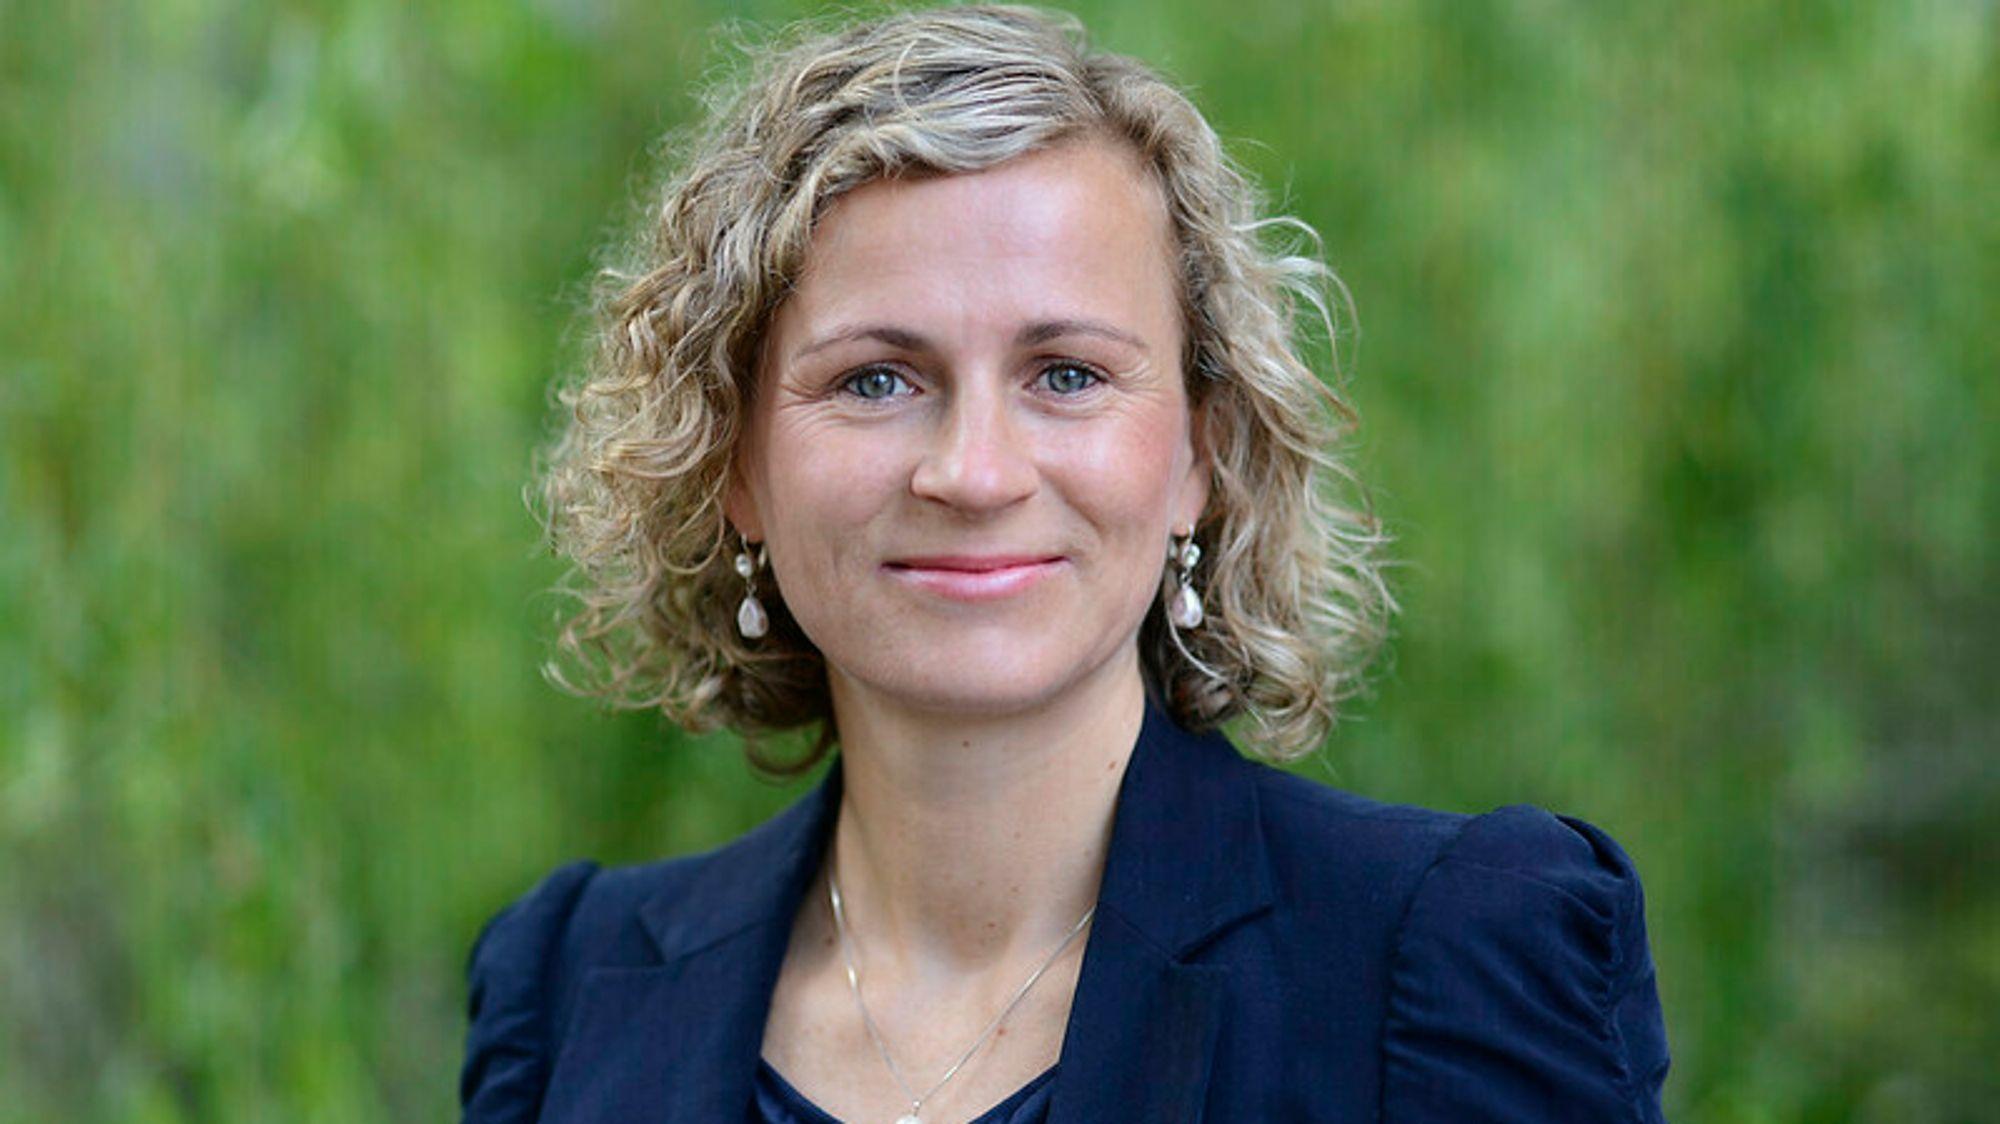 Christina Nerstad, professor i organisasjonspsykologi ved Handelshøyskolen BI, har kartlagt utbrenthet blant mer enn 1000 teknologer og ingeniører.